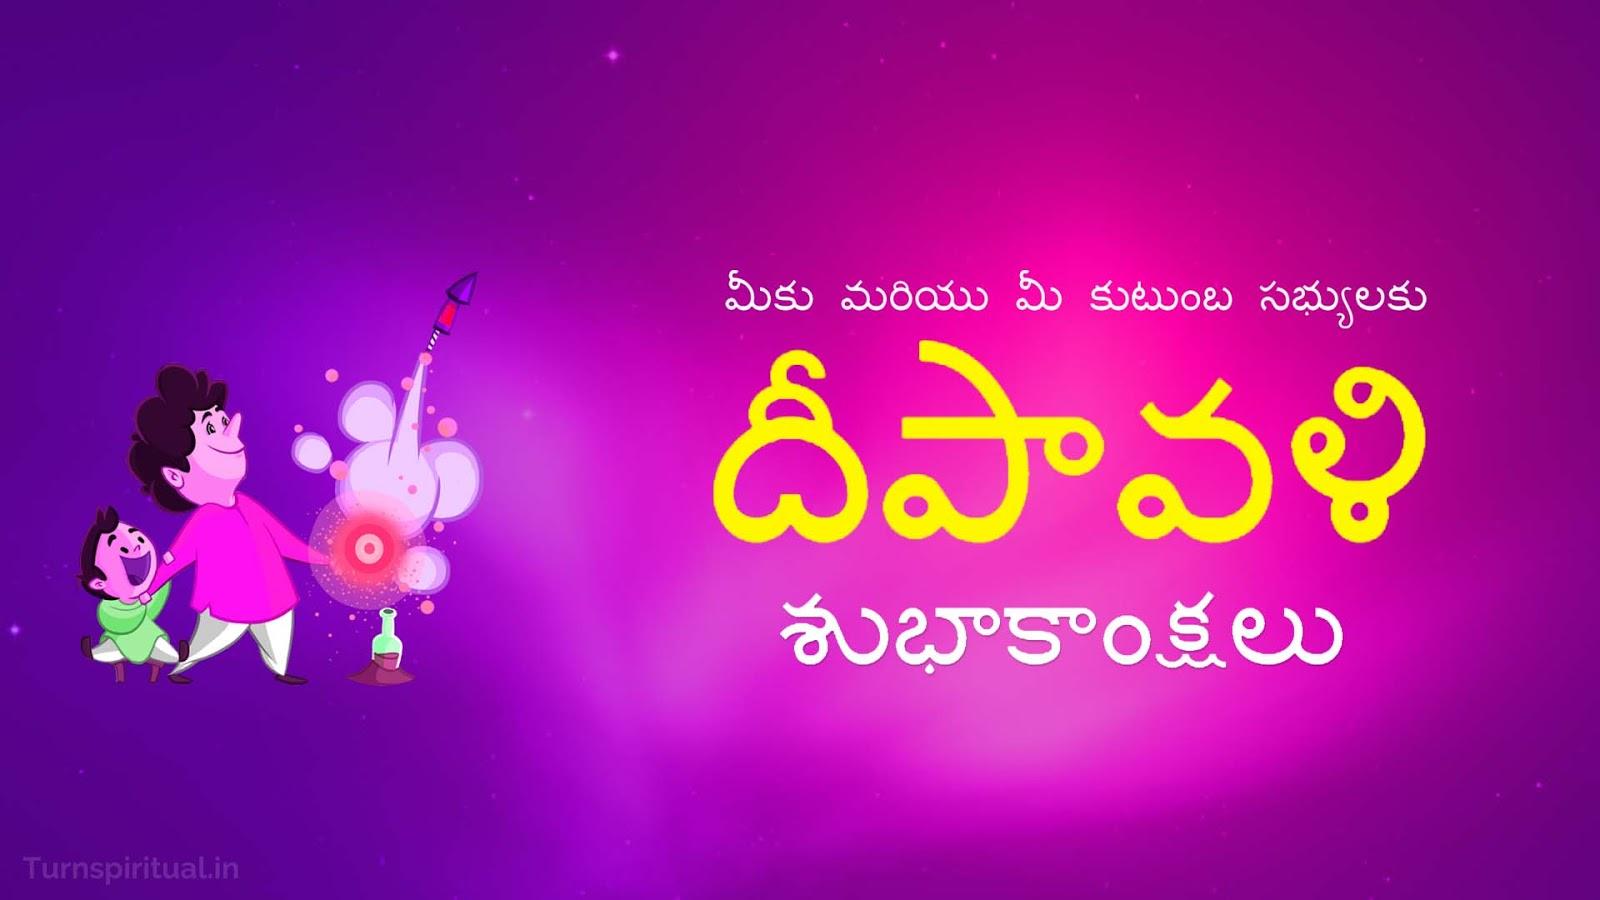 Happy Deepavali Greetings Elegant Diwali With Happy Deepavali